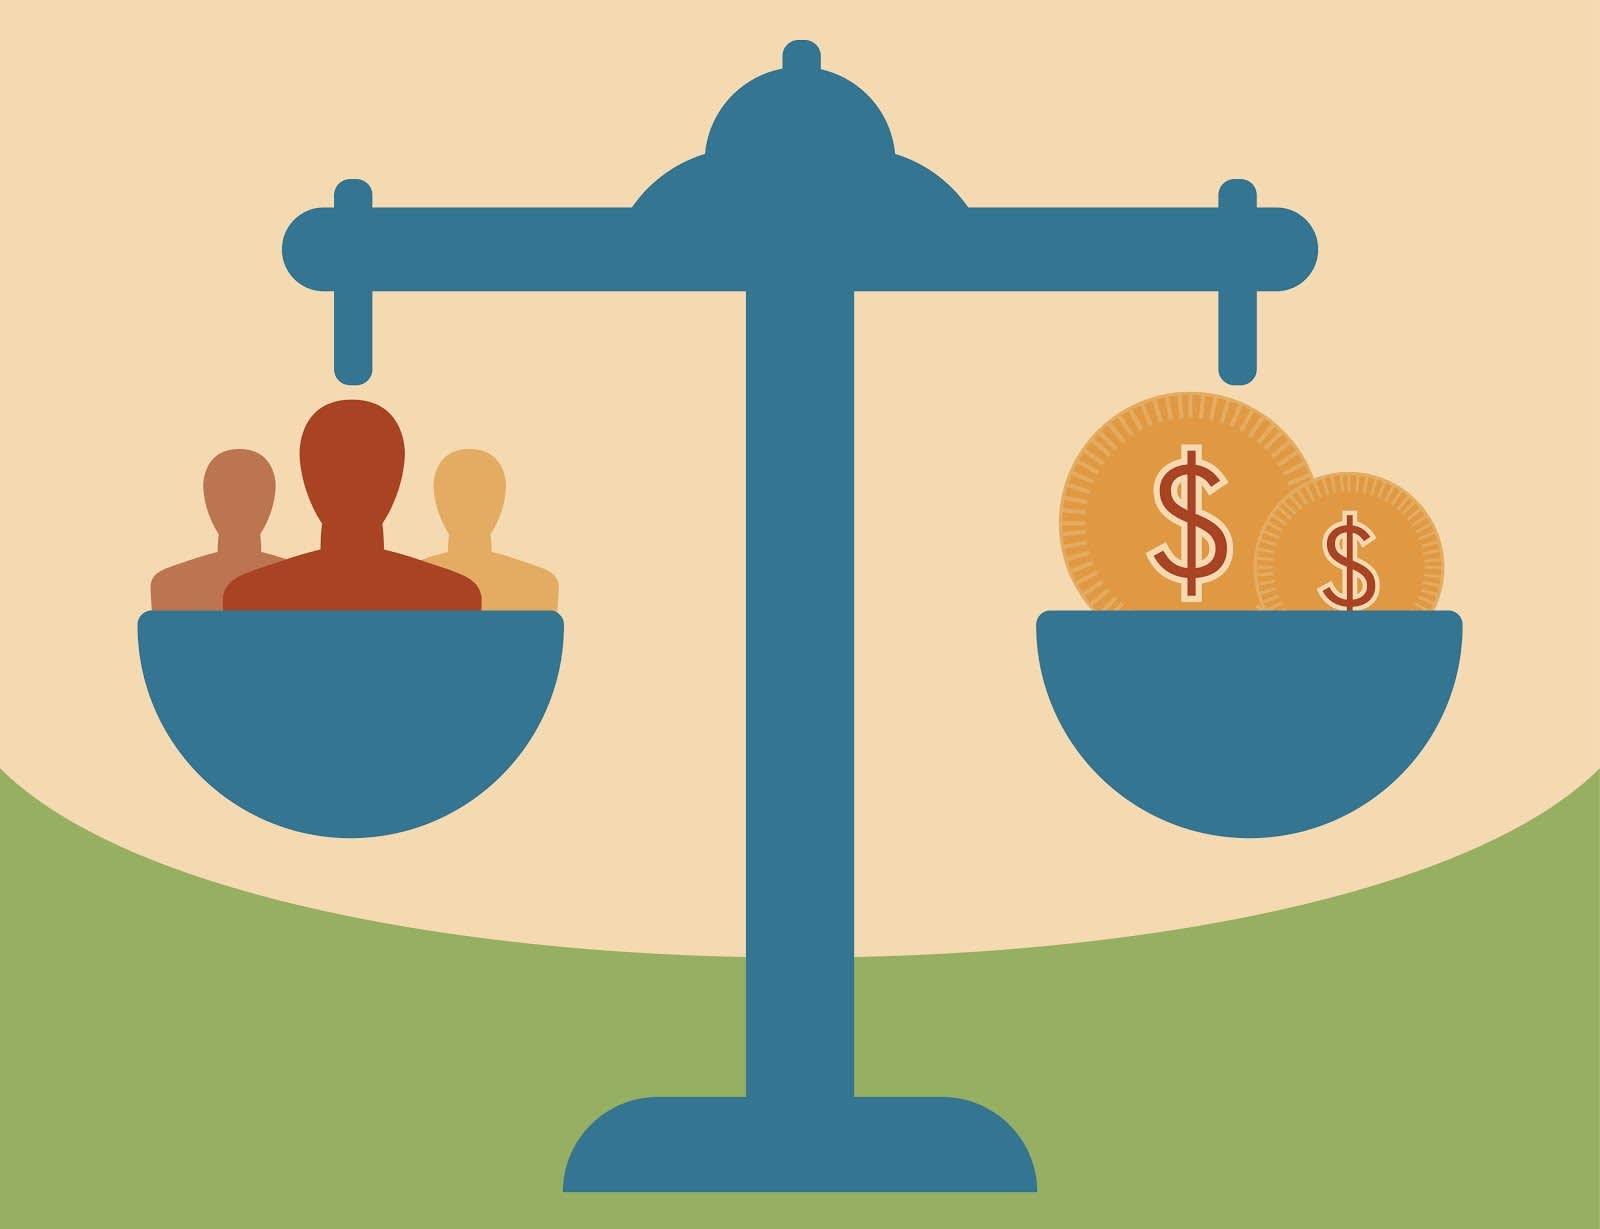 片側に人、反対側にお金を載せた、Salesforce Billing を表す天秤。財務チームはビジネスに対する責任と顧客に対する責任のバランスを取ることができる。